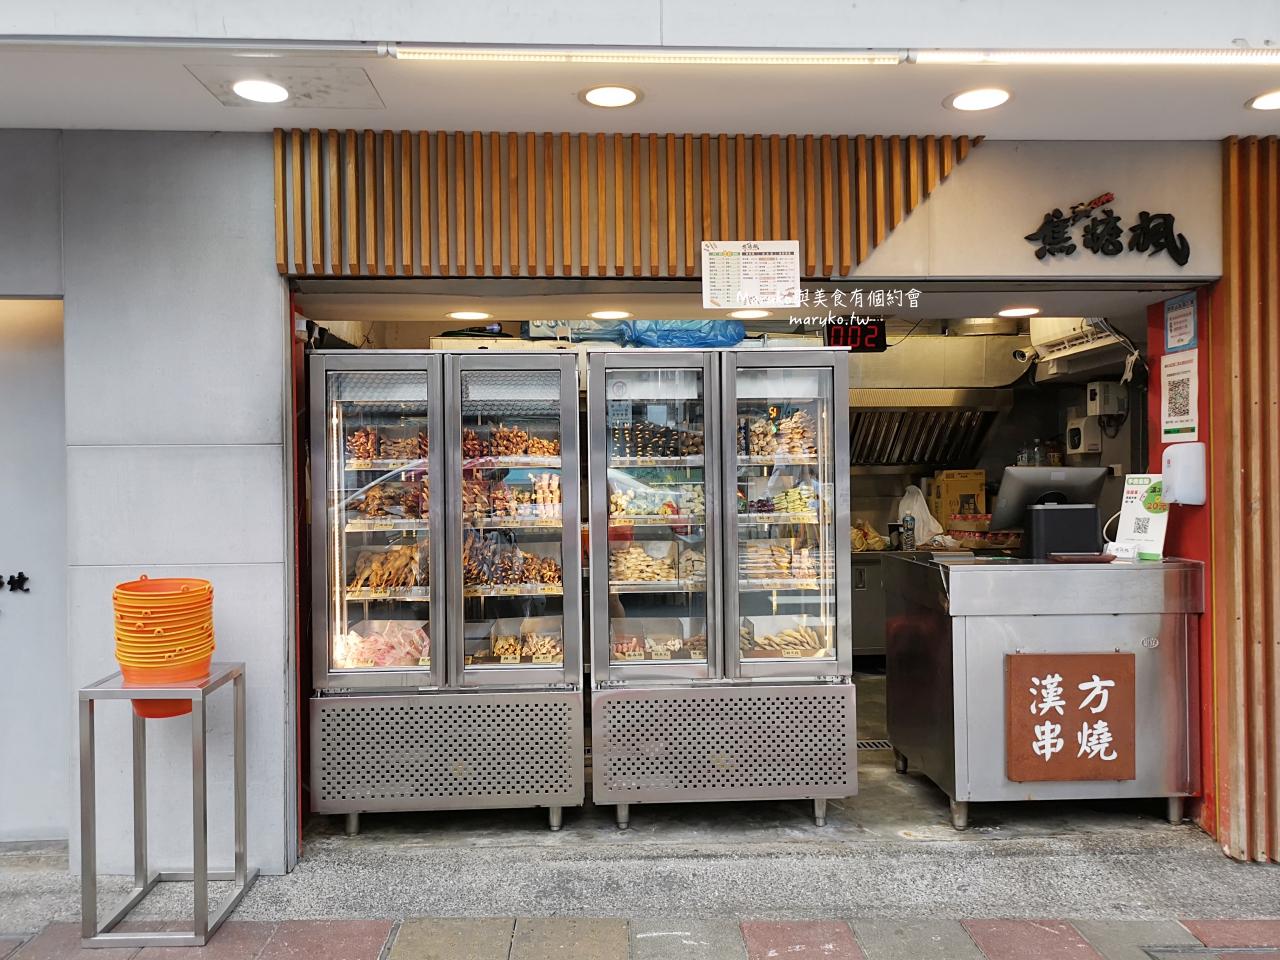 【台北】焦糖楓 現點現烤 不油炸的獨特漢方串燒烤肉 一吃就上癮 @Maruko與美食有個約會